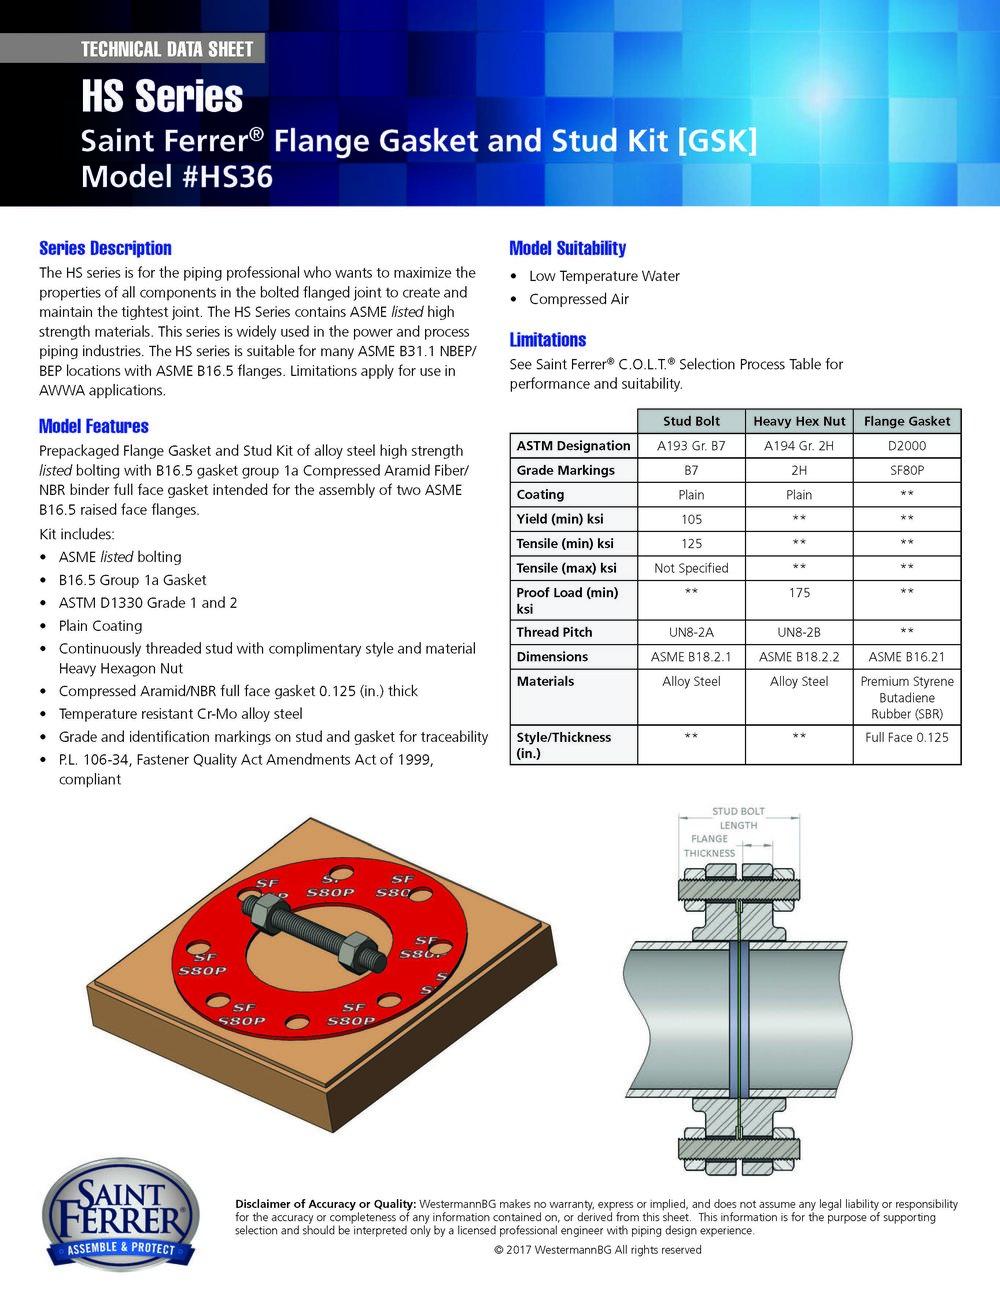 SF_Data_Sheet_HS_Series_HS36.jpg